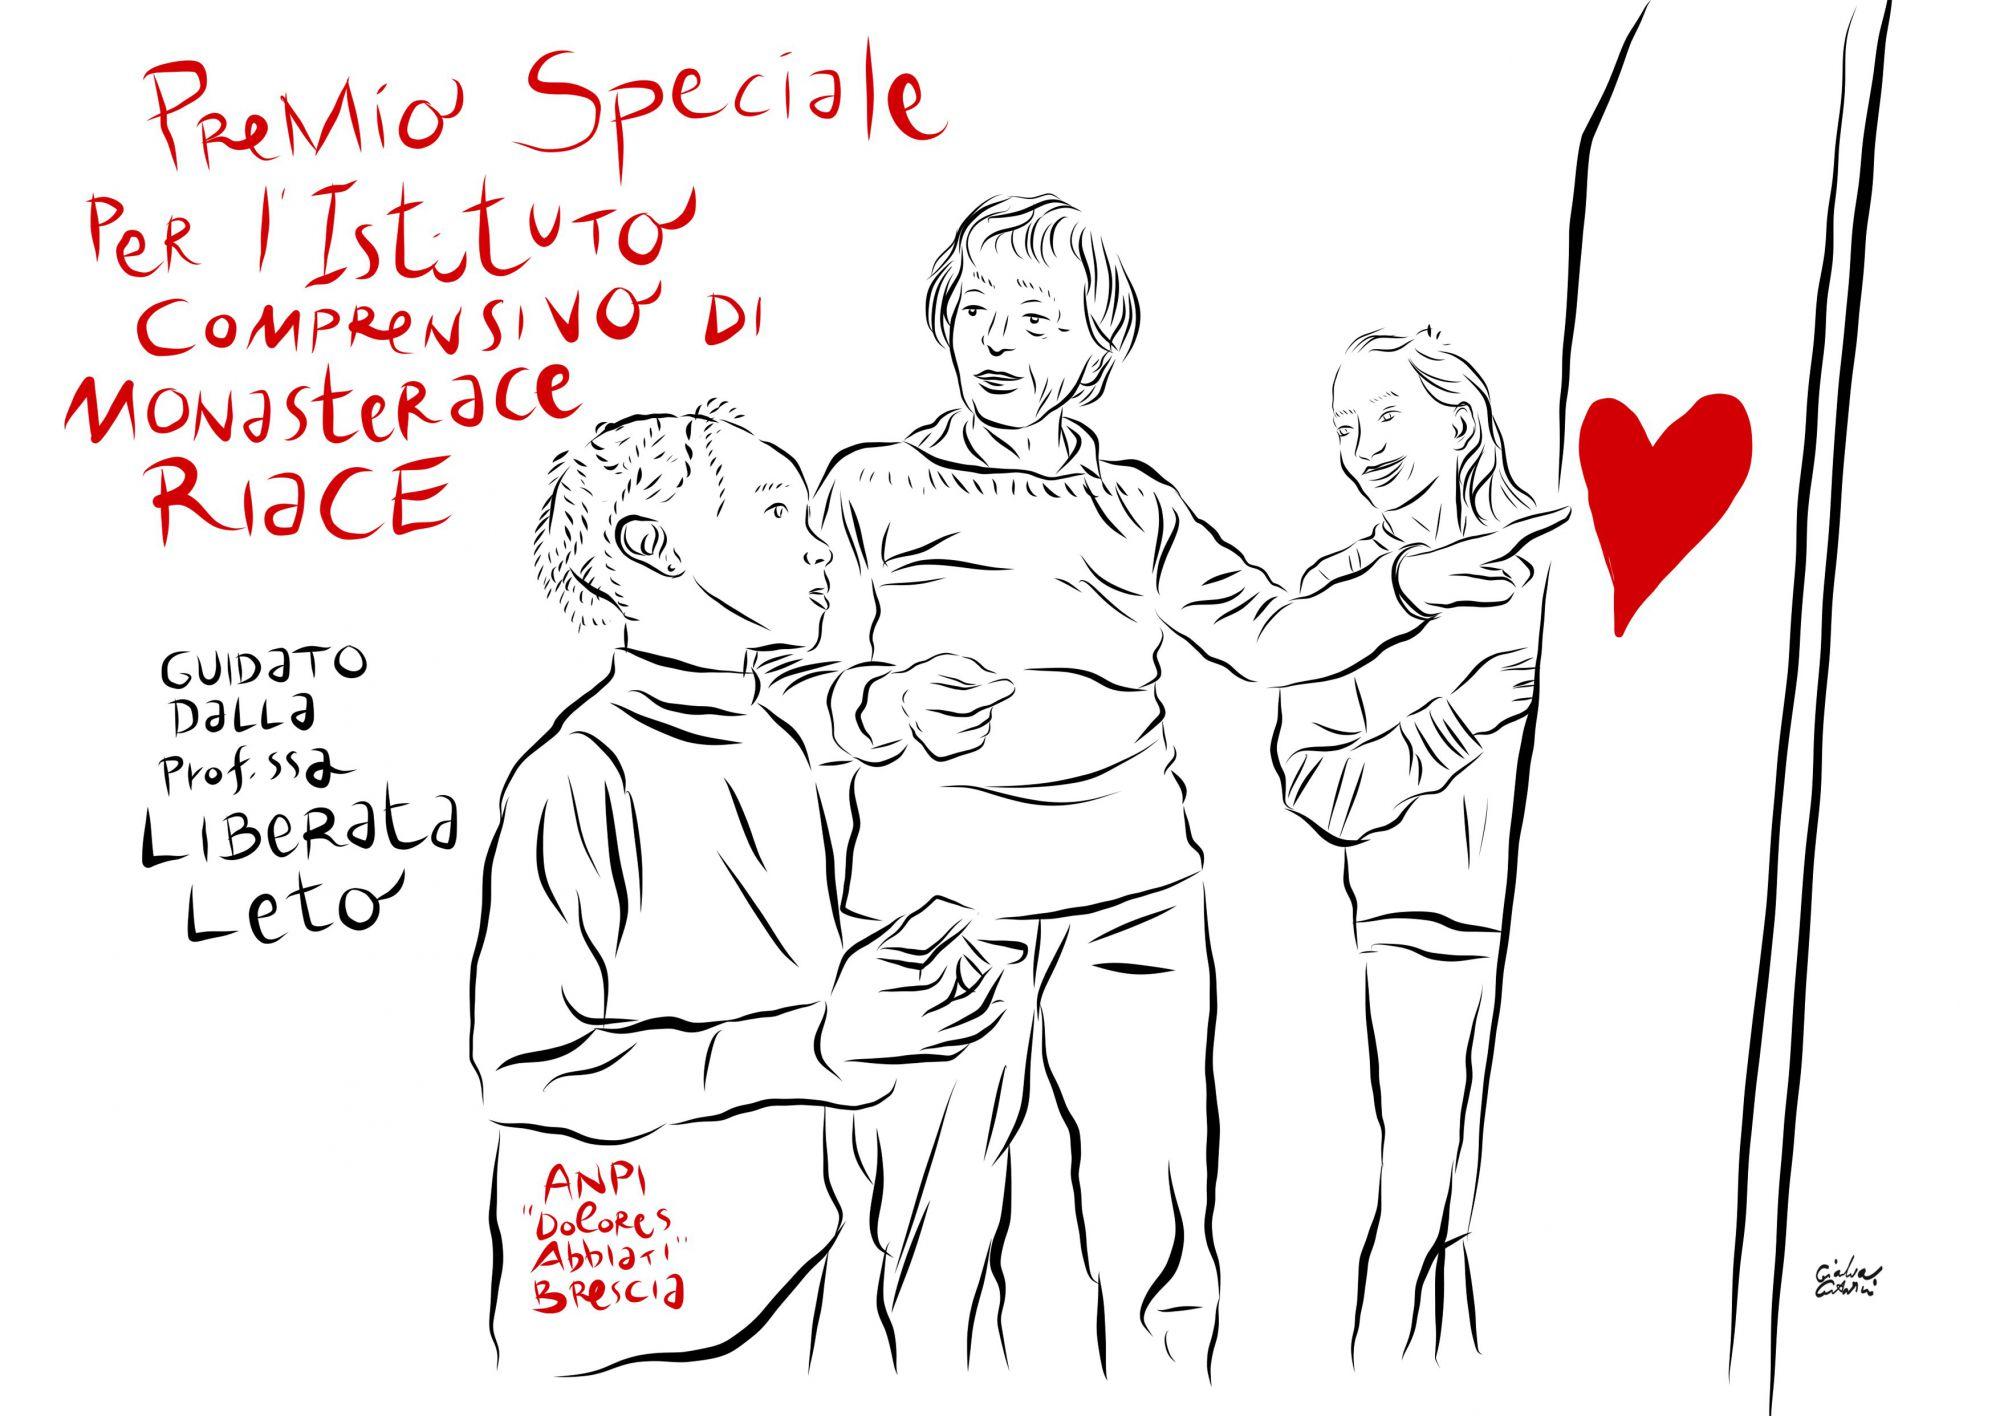 La bellissima vignetta che ha donato alla Commissione scuola ANPI per l'iniziativa.